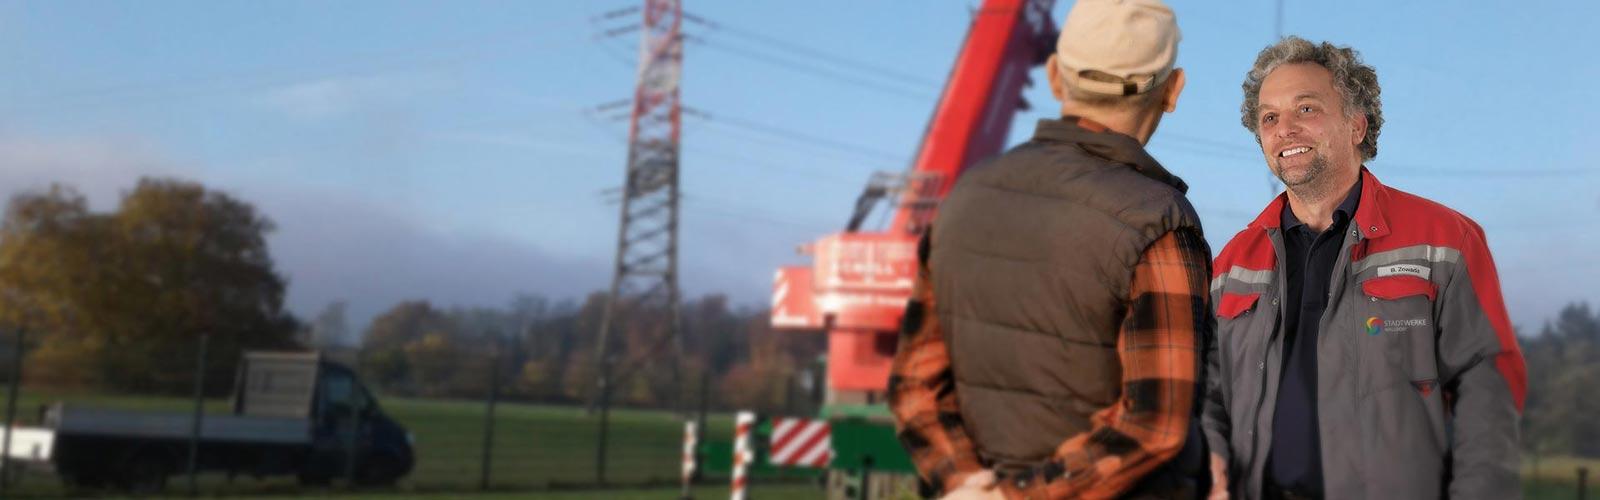 Stadtwerke-Mitarbeiter Bernhard Zowada spricht mit einem Anwohner.